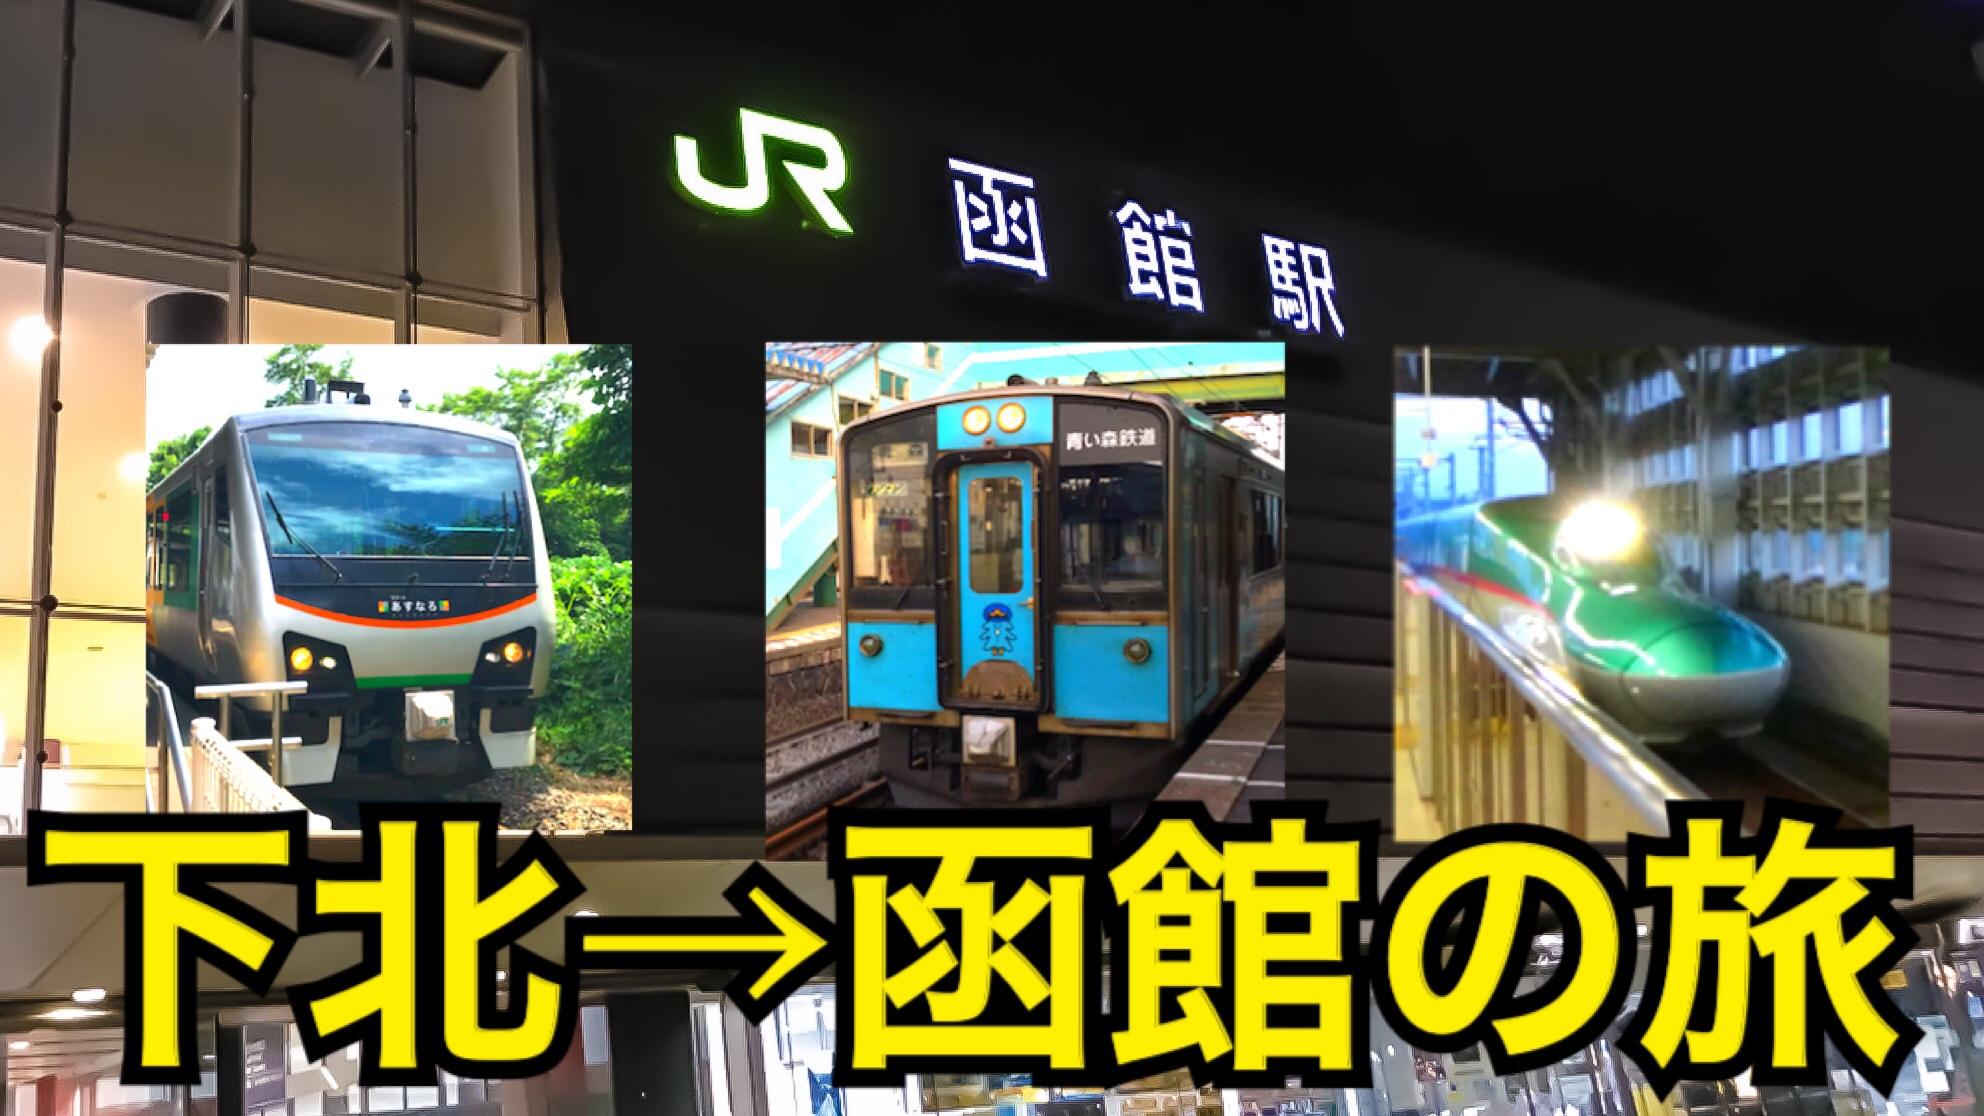 リゾートあすなろ、北海道新幹線で行く!津軽海峡乗り鉄旅 下北半島から函館へ!【北海道東日本パスの旅2020】